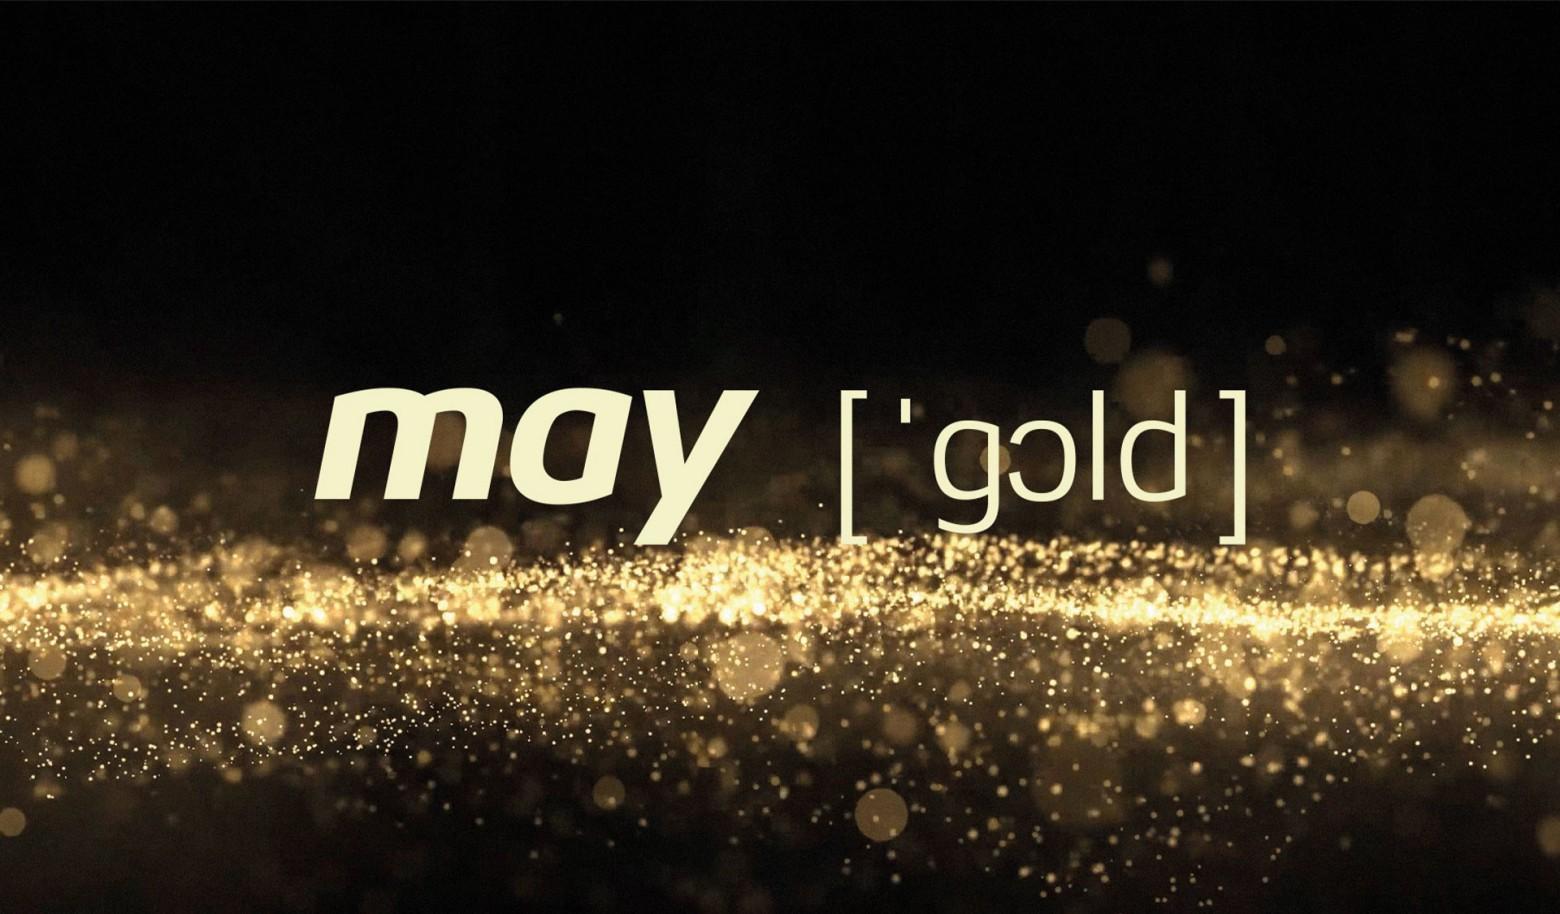 May Gold